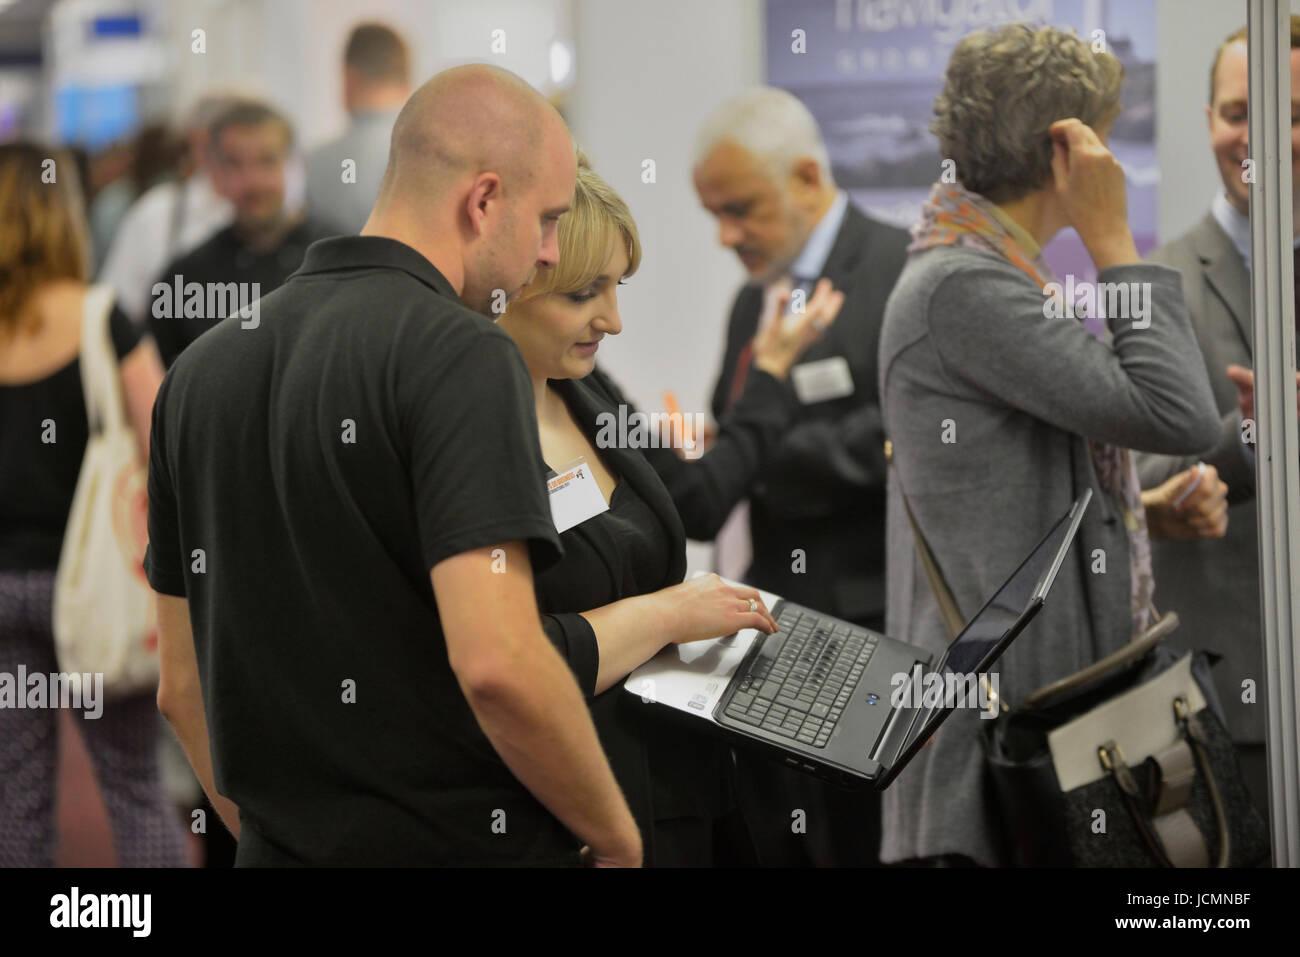 La gente di affari usando un portatile a una conferenza di lavoro. In Inghilterra. Regno Unito Immagini Stock